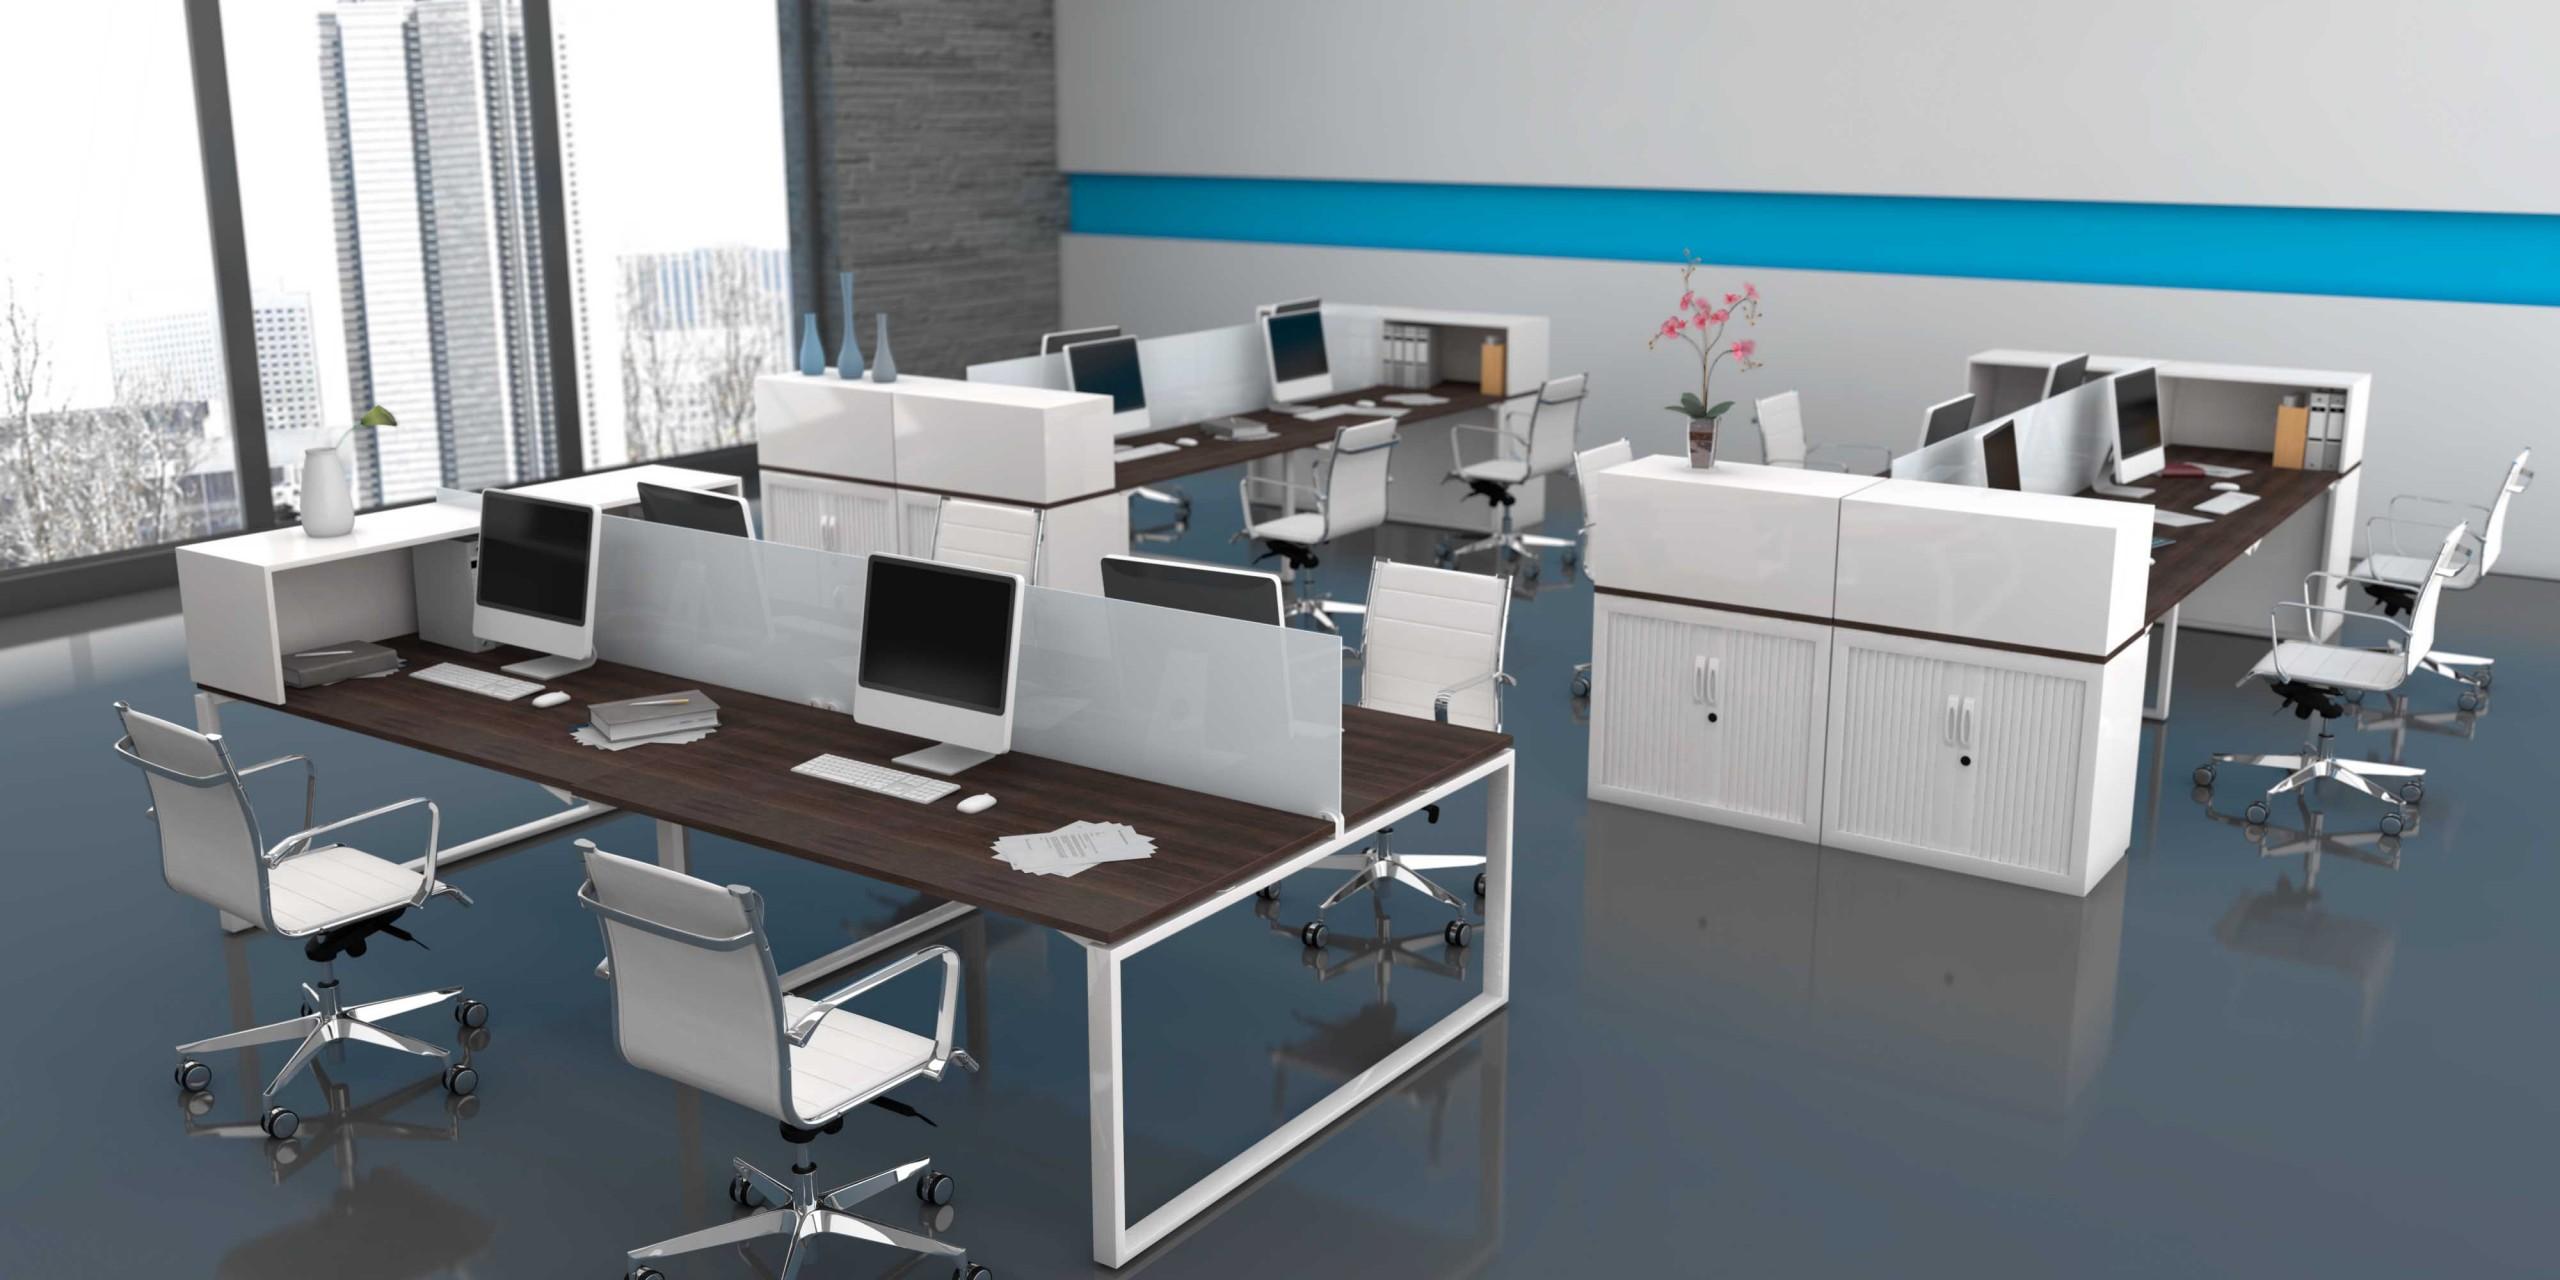 Bureau bench 4 personnes cool achat bureaux bench 912 00 for Bureau marguerite 4 personnes